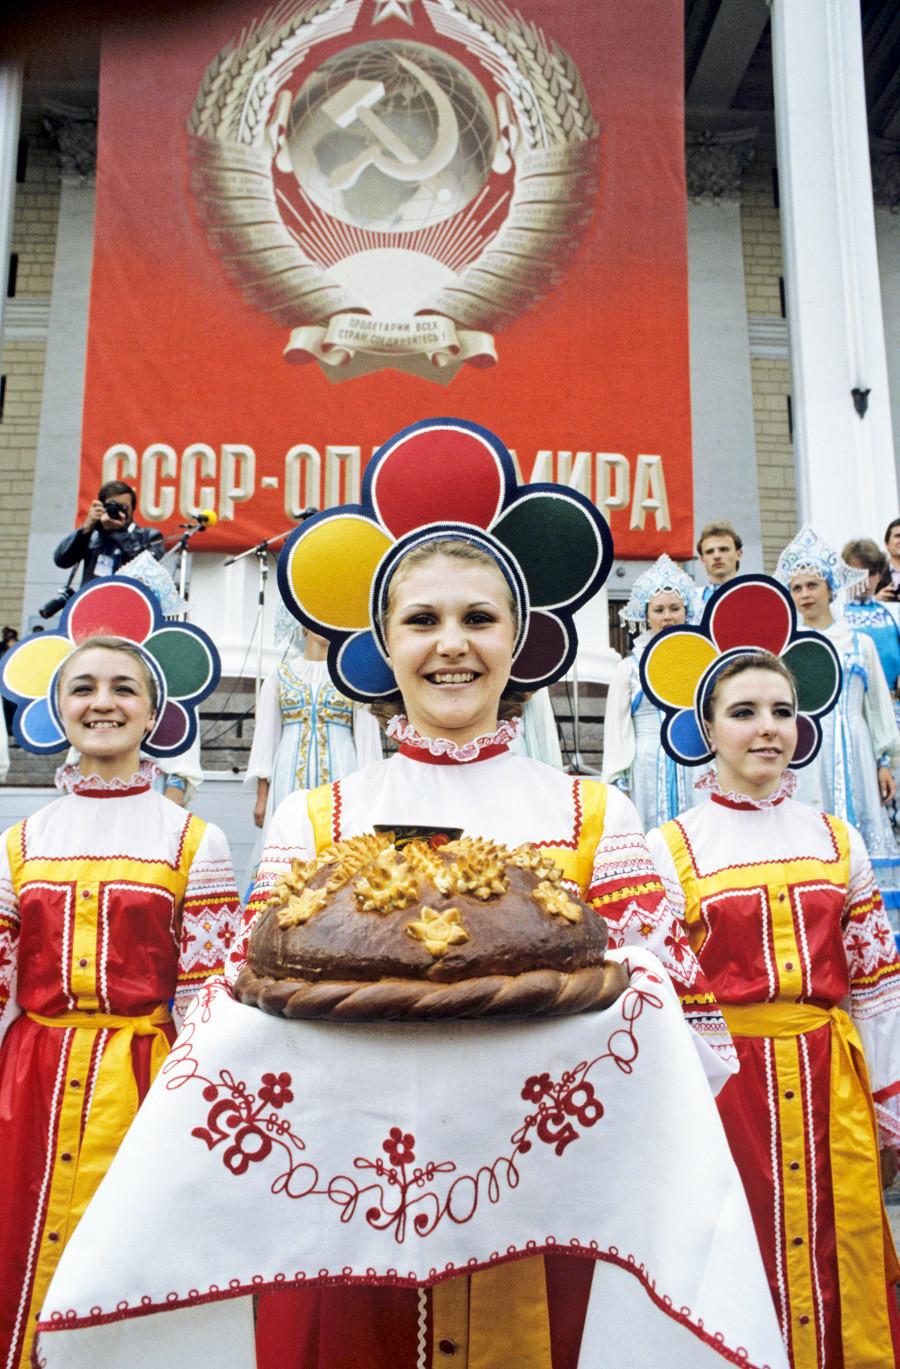 Otvoritev kluba delegacije ZSSR na XII Svetovnem festivalu mladine in študentov, 1985. Na izvezenem prtičku goste pozdravljajo s kruhom in soljo.